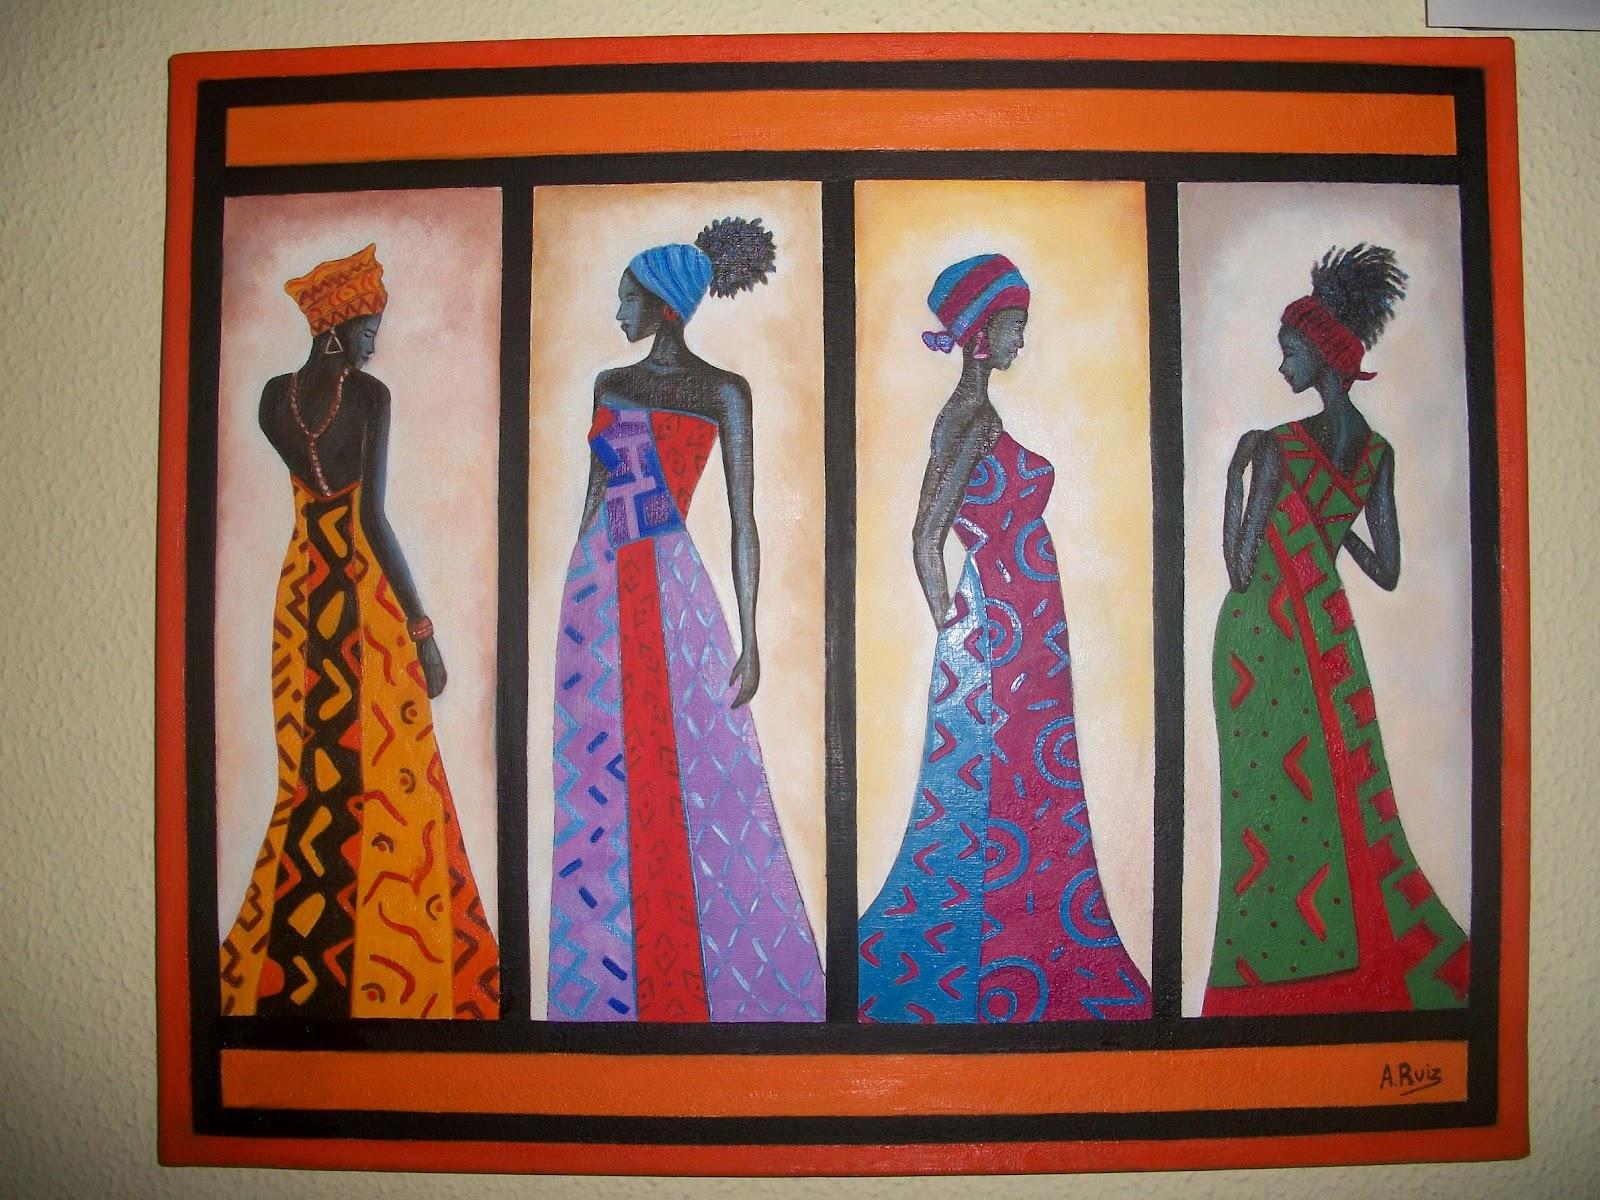 Pintura a leo cuadros africanos - Fotos en cuadros ...